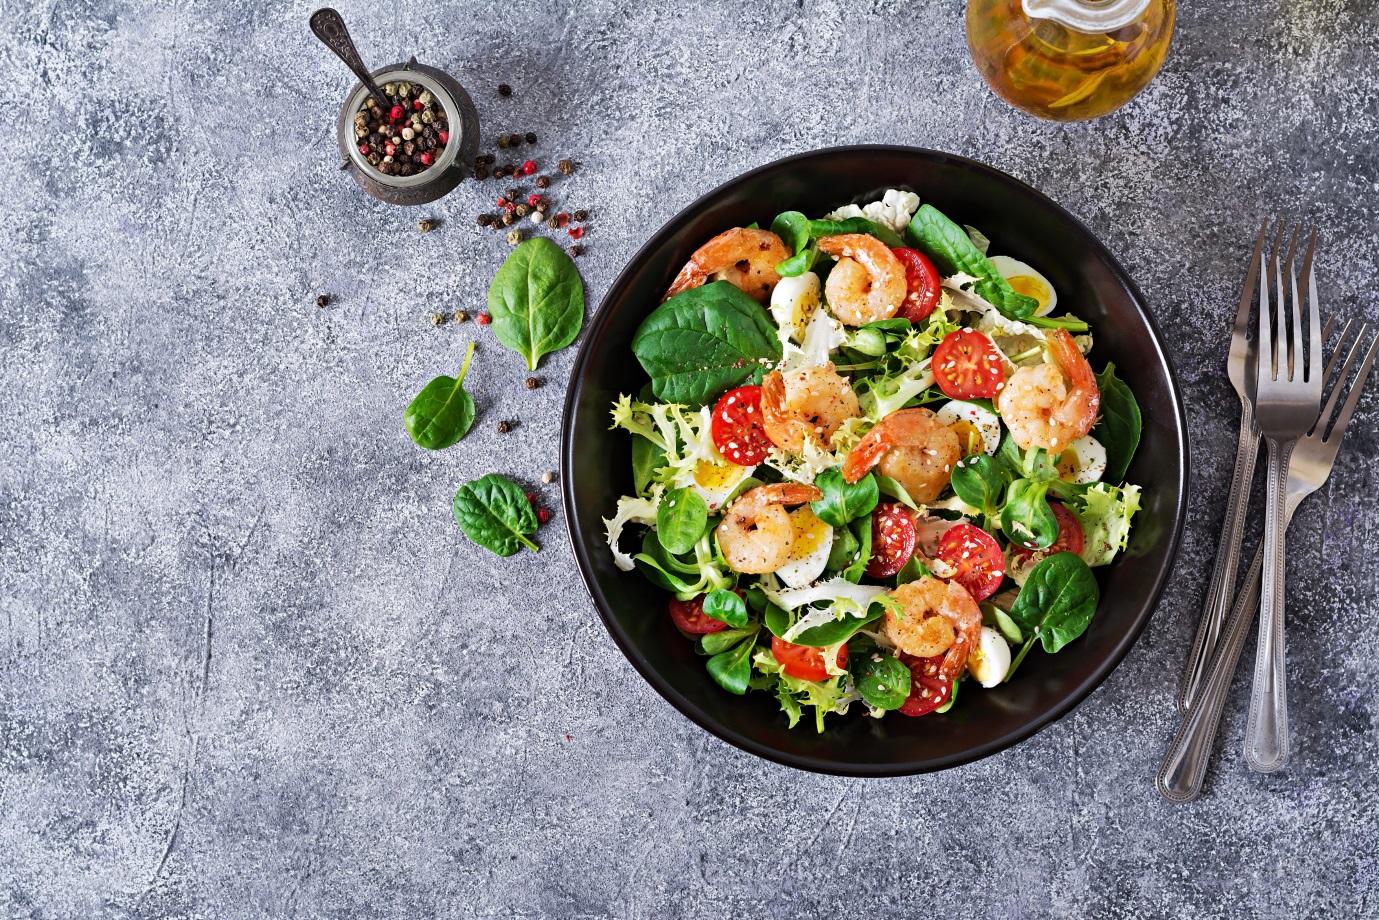 Inilah 3 Asupan Makanan yang Penting untuk Kesehatan Otot dan Sendi!